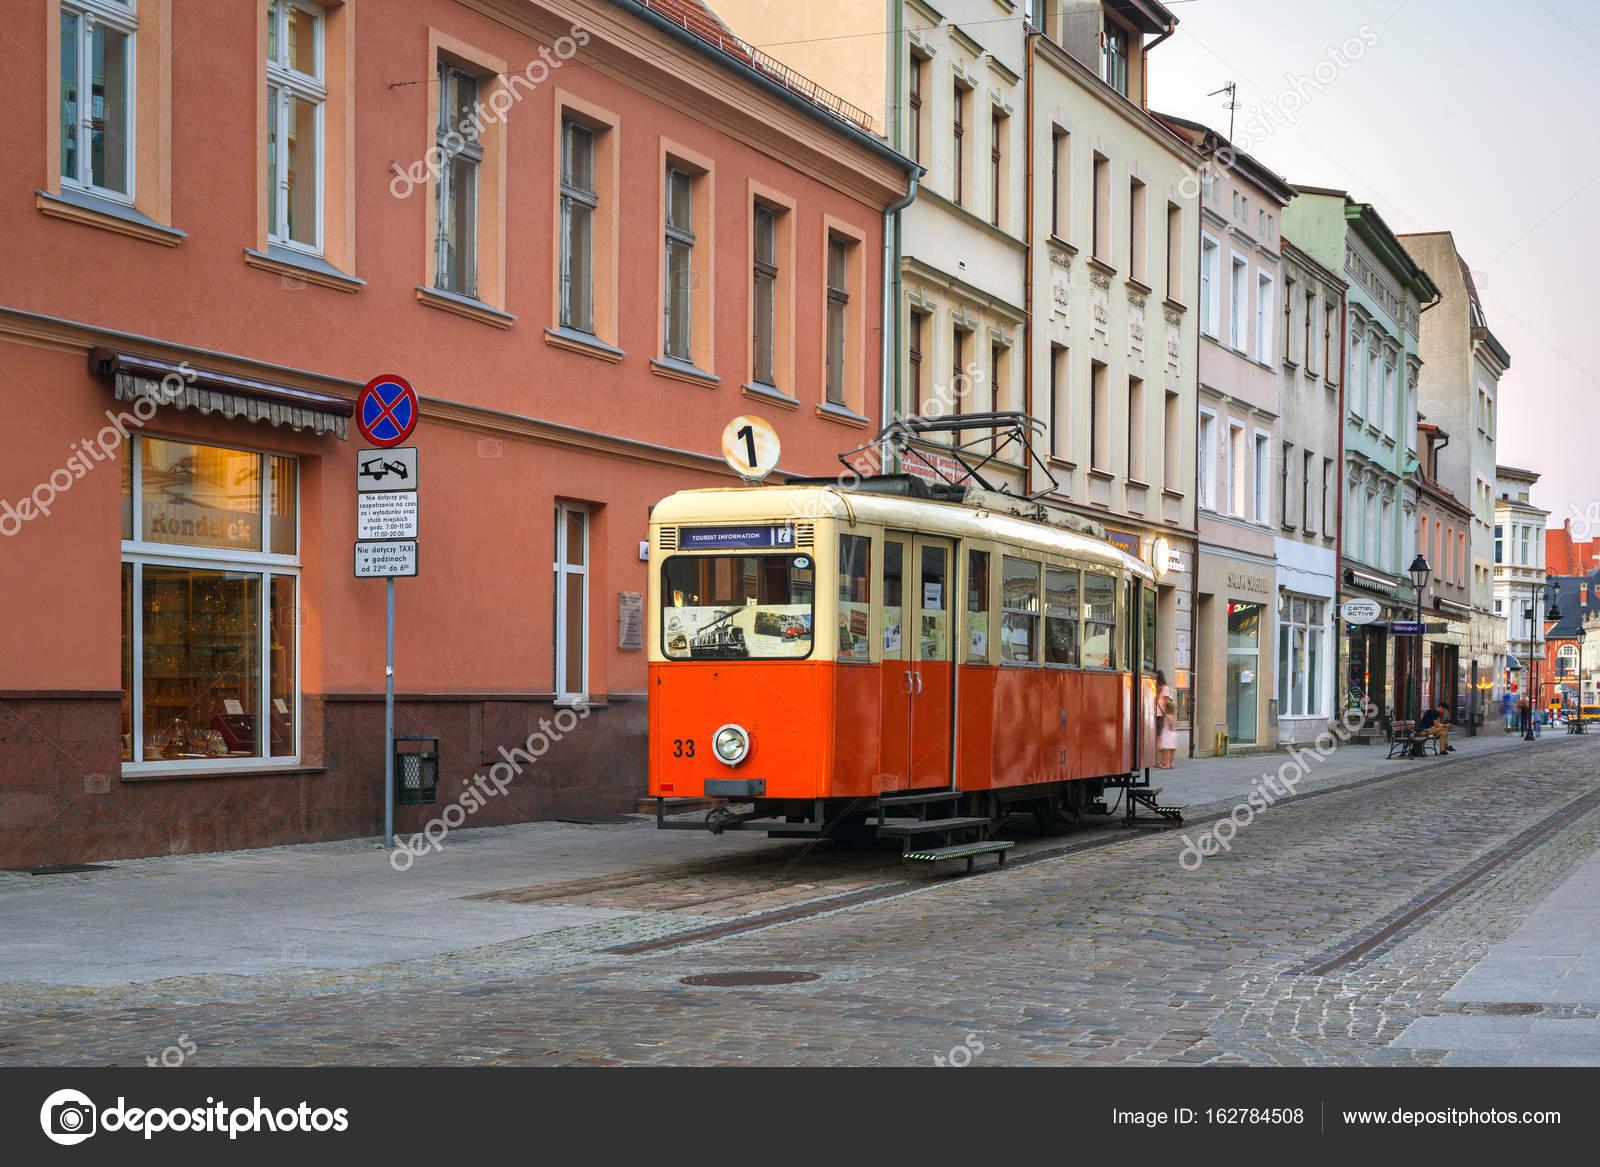 ポーランドの観光情報として古い...